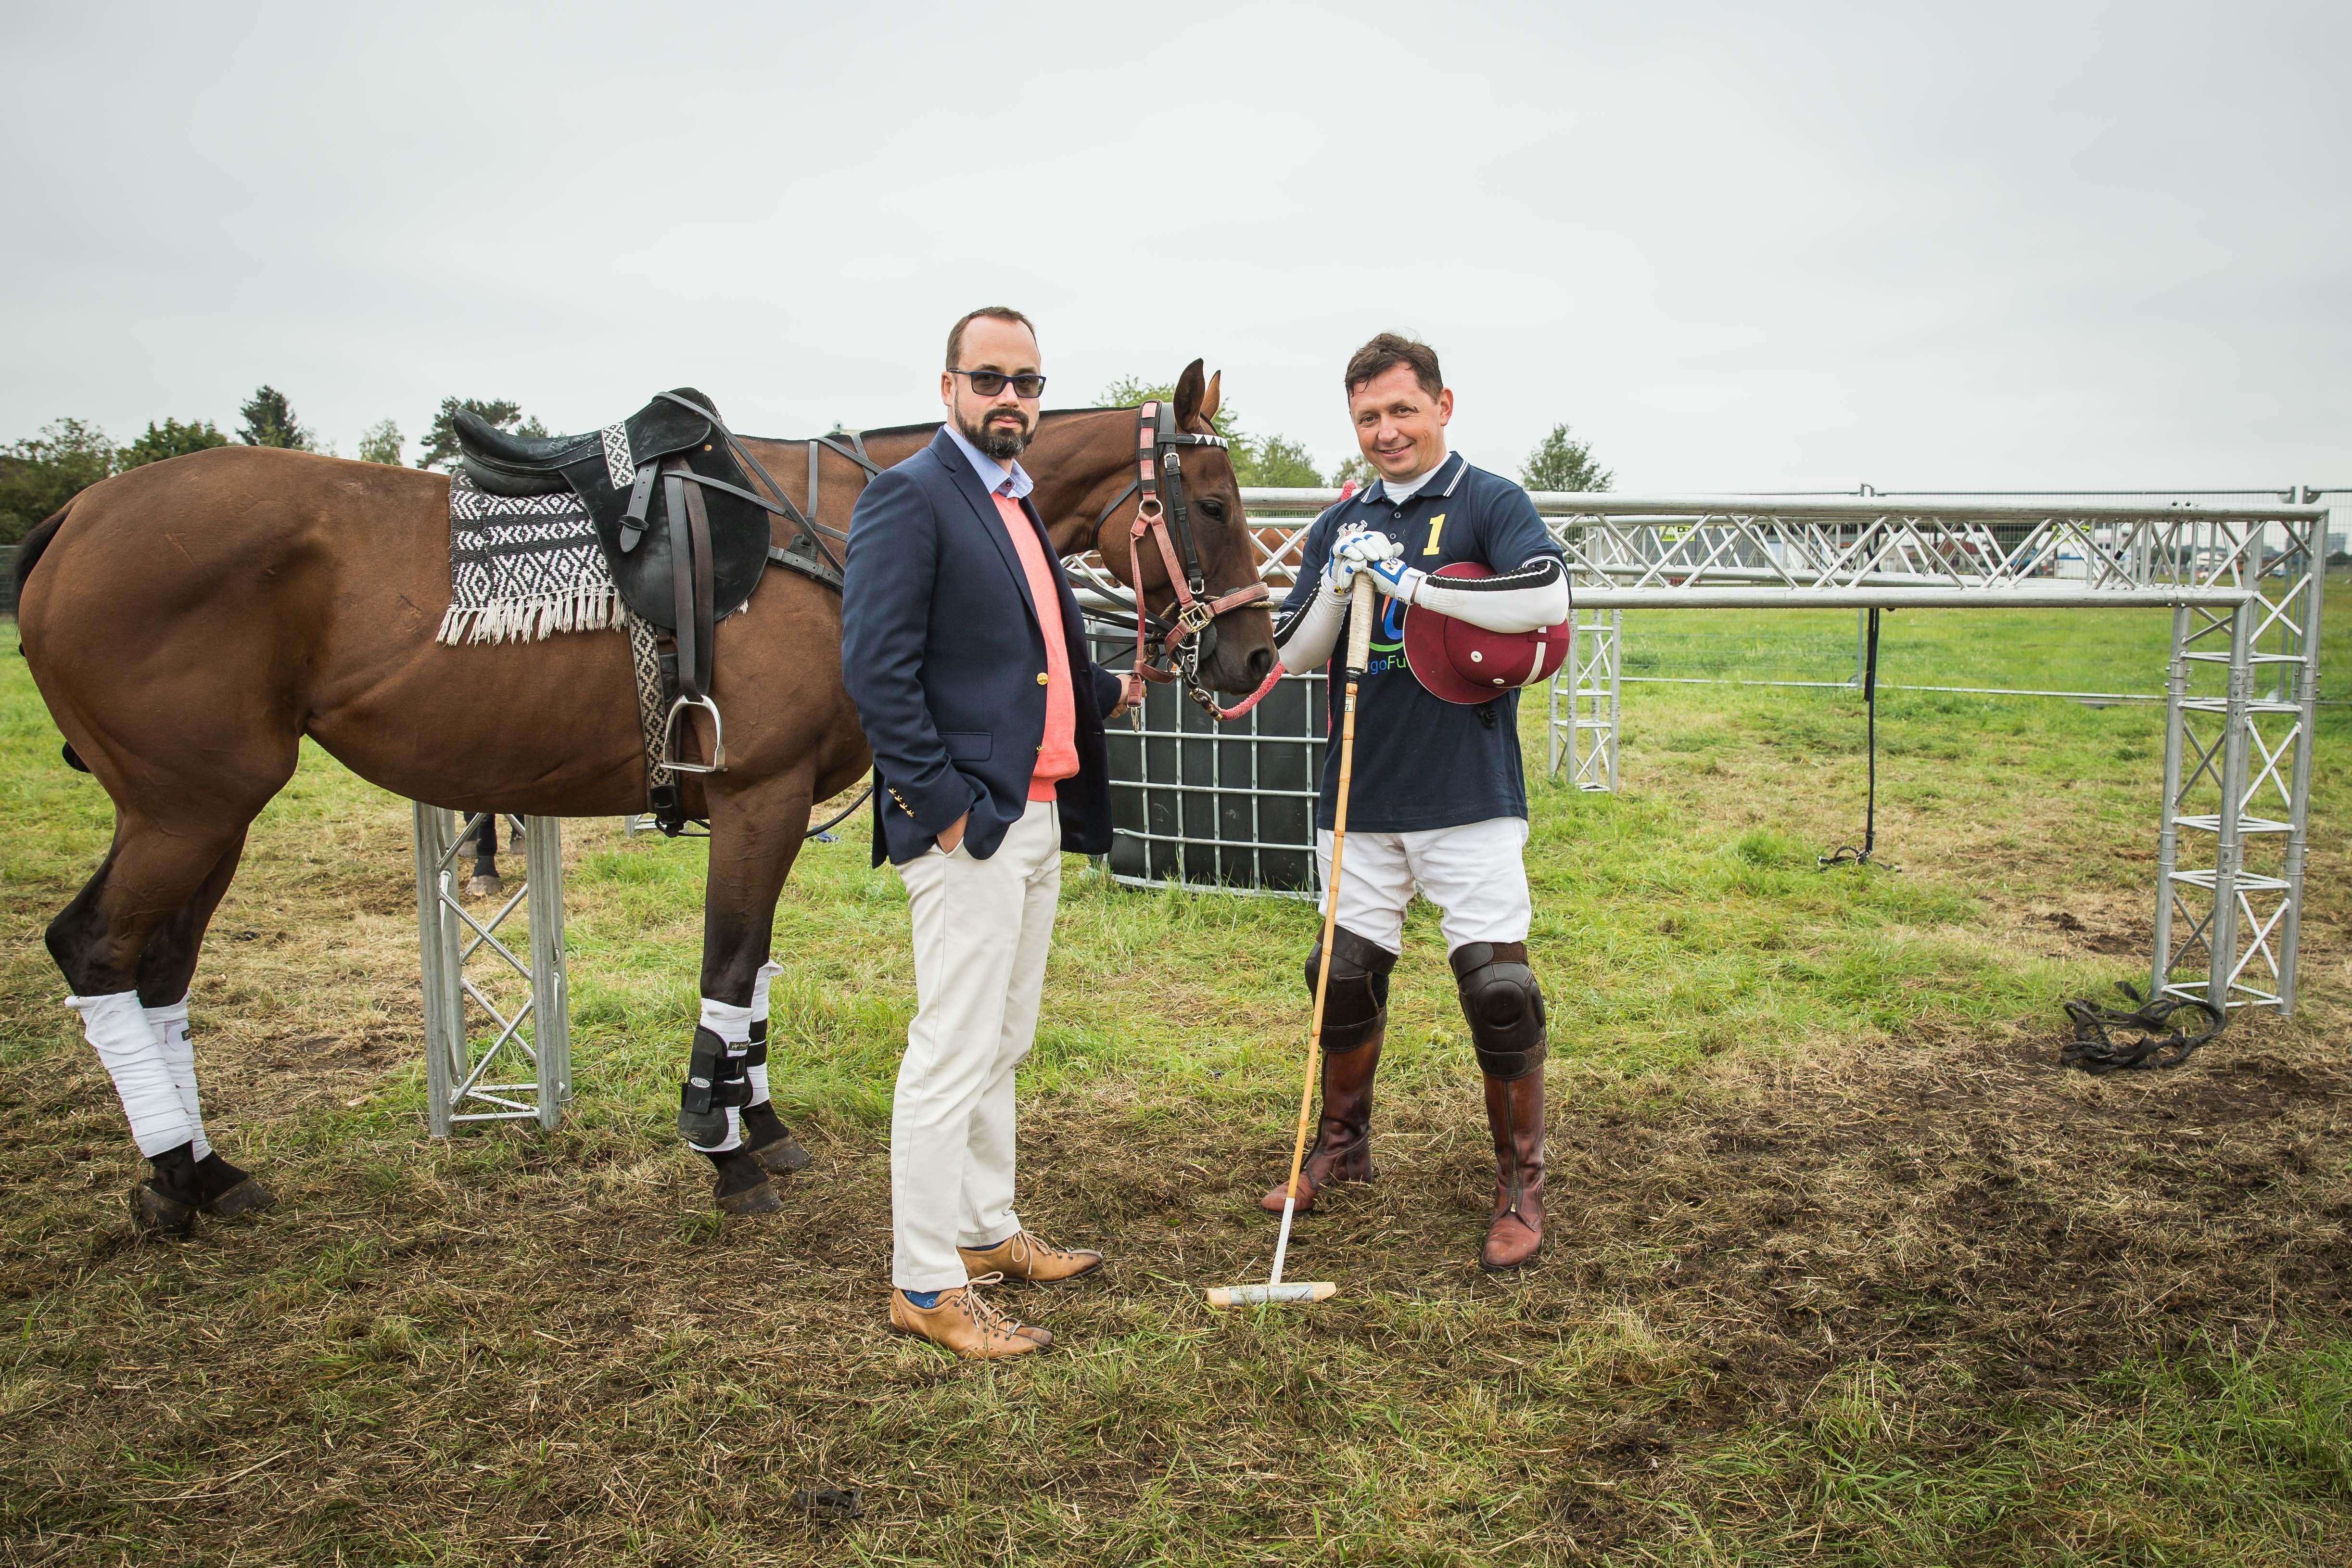 Hlavní pořadatel turnaje Milan Nebuchla (vpravo) a partner turnaje Vratislav Urbášek, vedoucí partner advokátní kanceláře Urbášek & Partners.